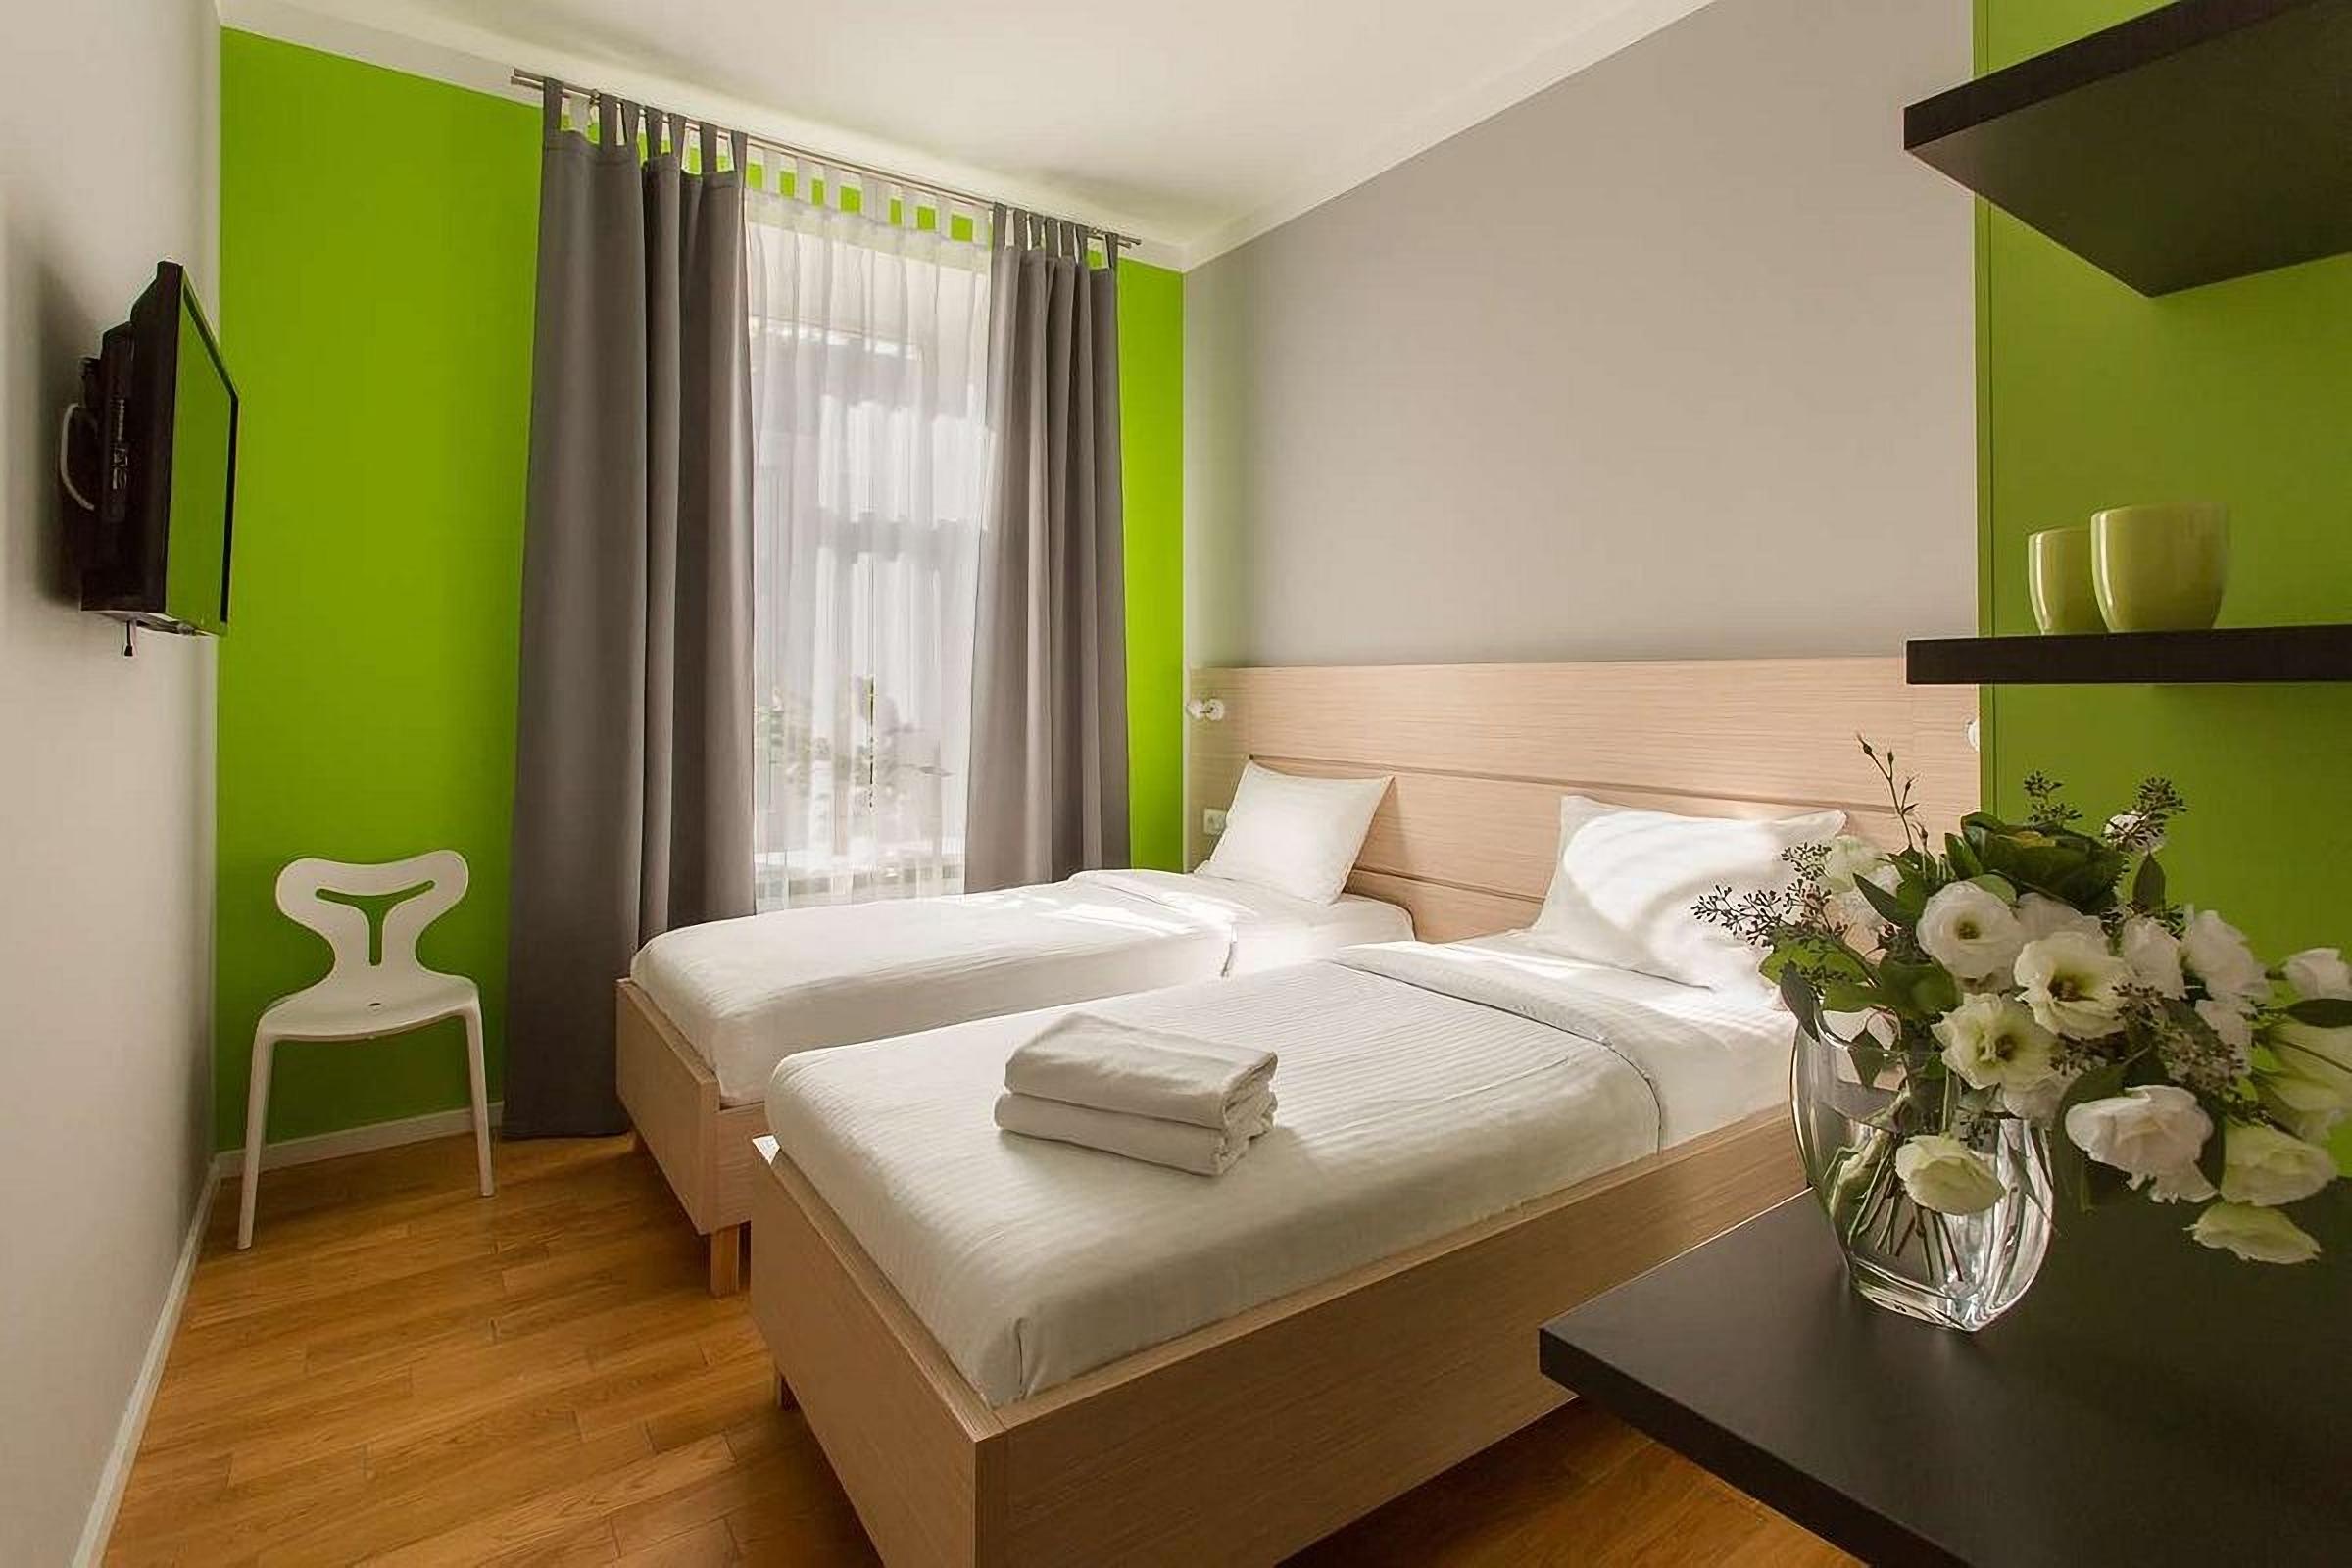 Double room in the UNO Design Hotel Odessa Ukraine